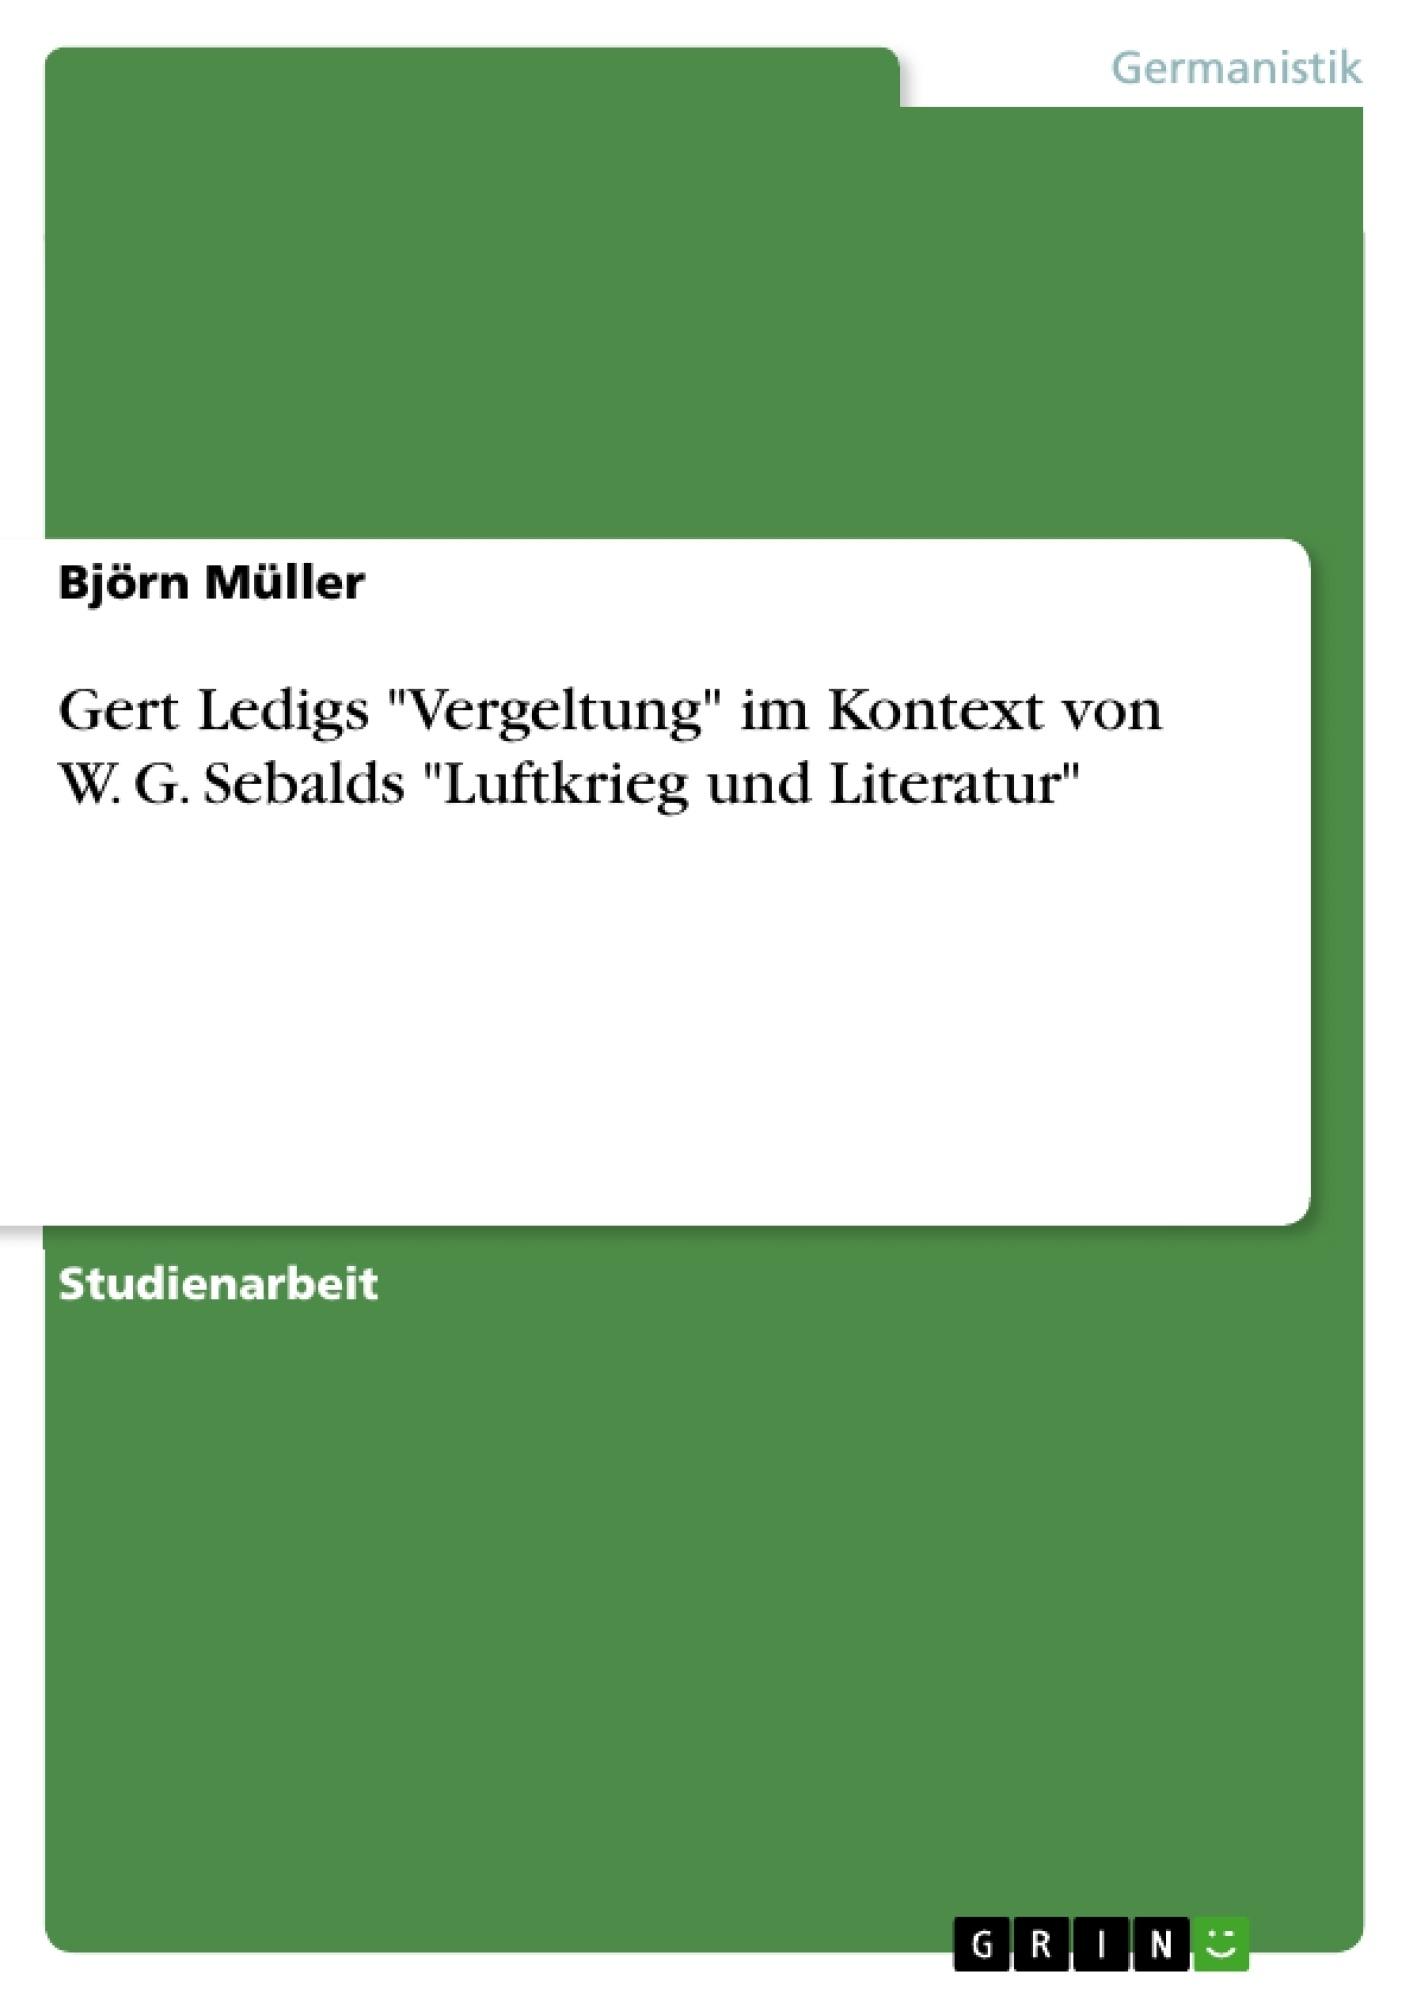 """Titel: Gert Ledigs """"Vergeltung"""" im Kontext von W. G. Sebalds """"Luftkrieg und Literatur"""""""